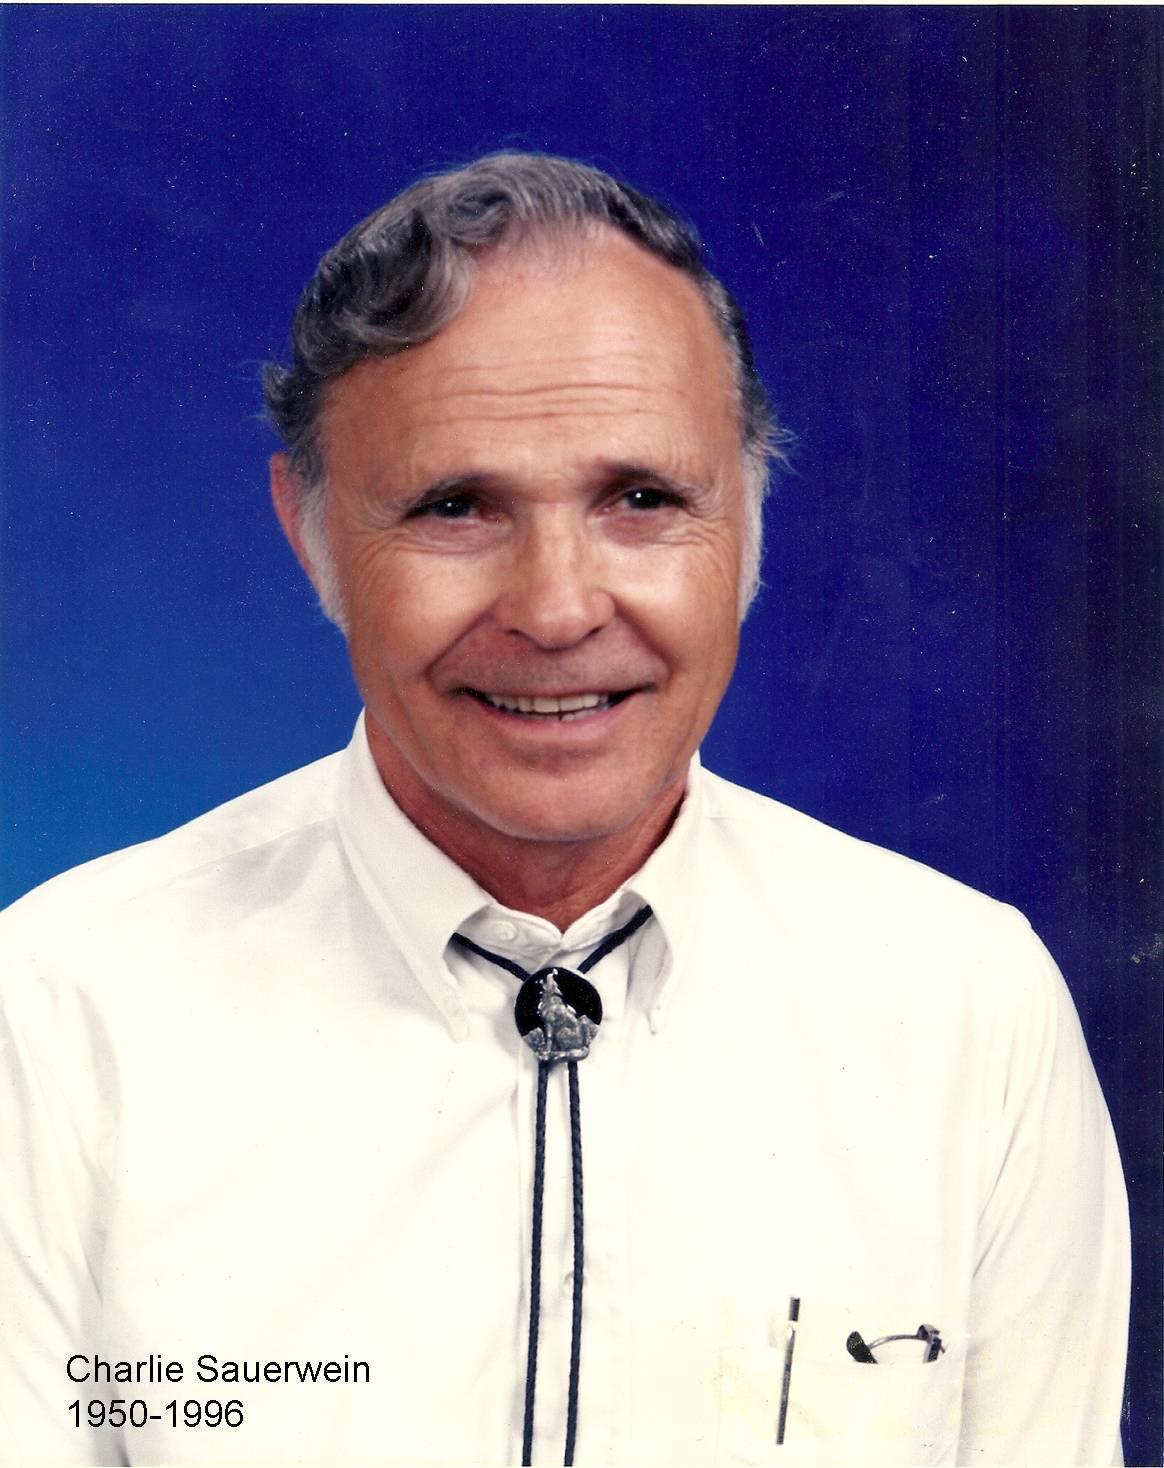 Charlie Sauerwein